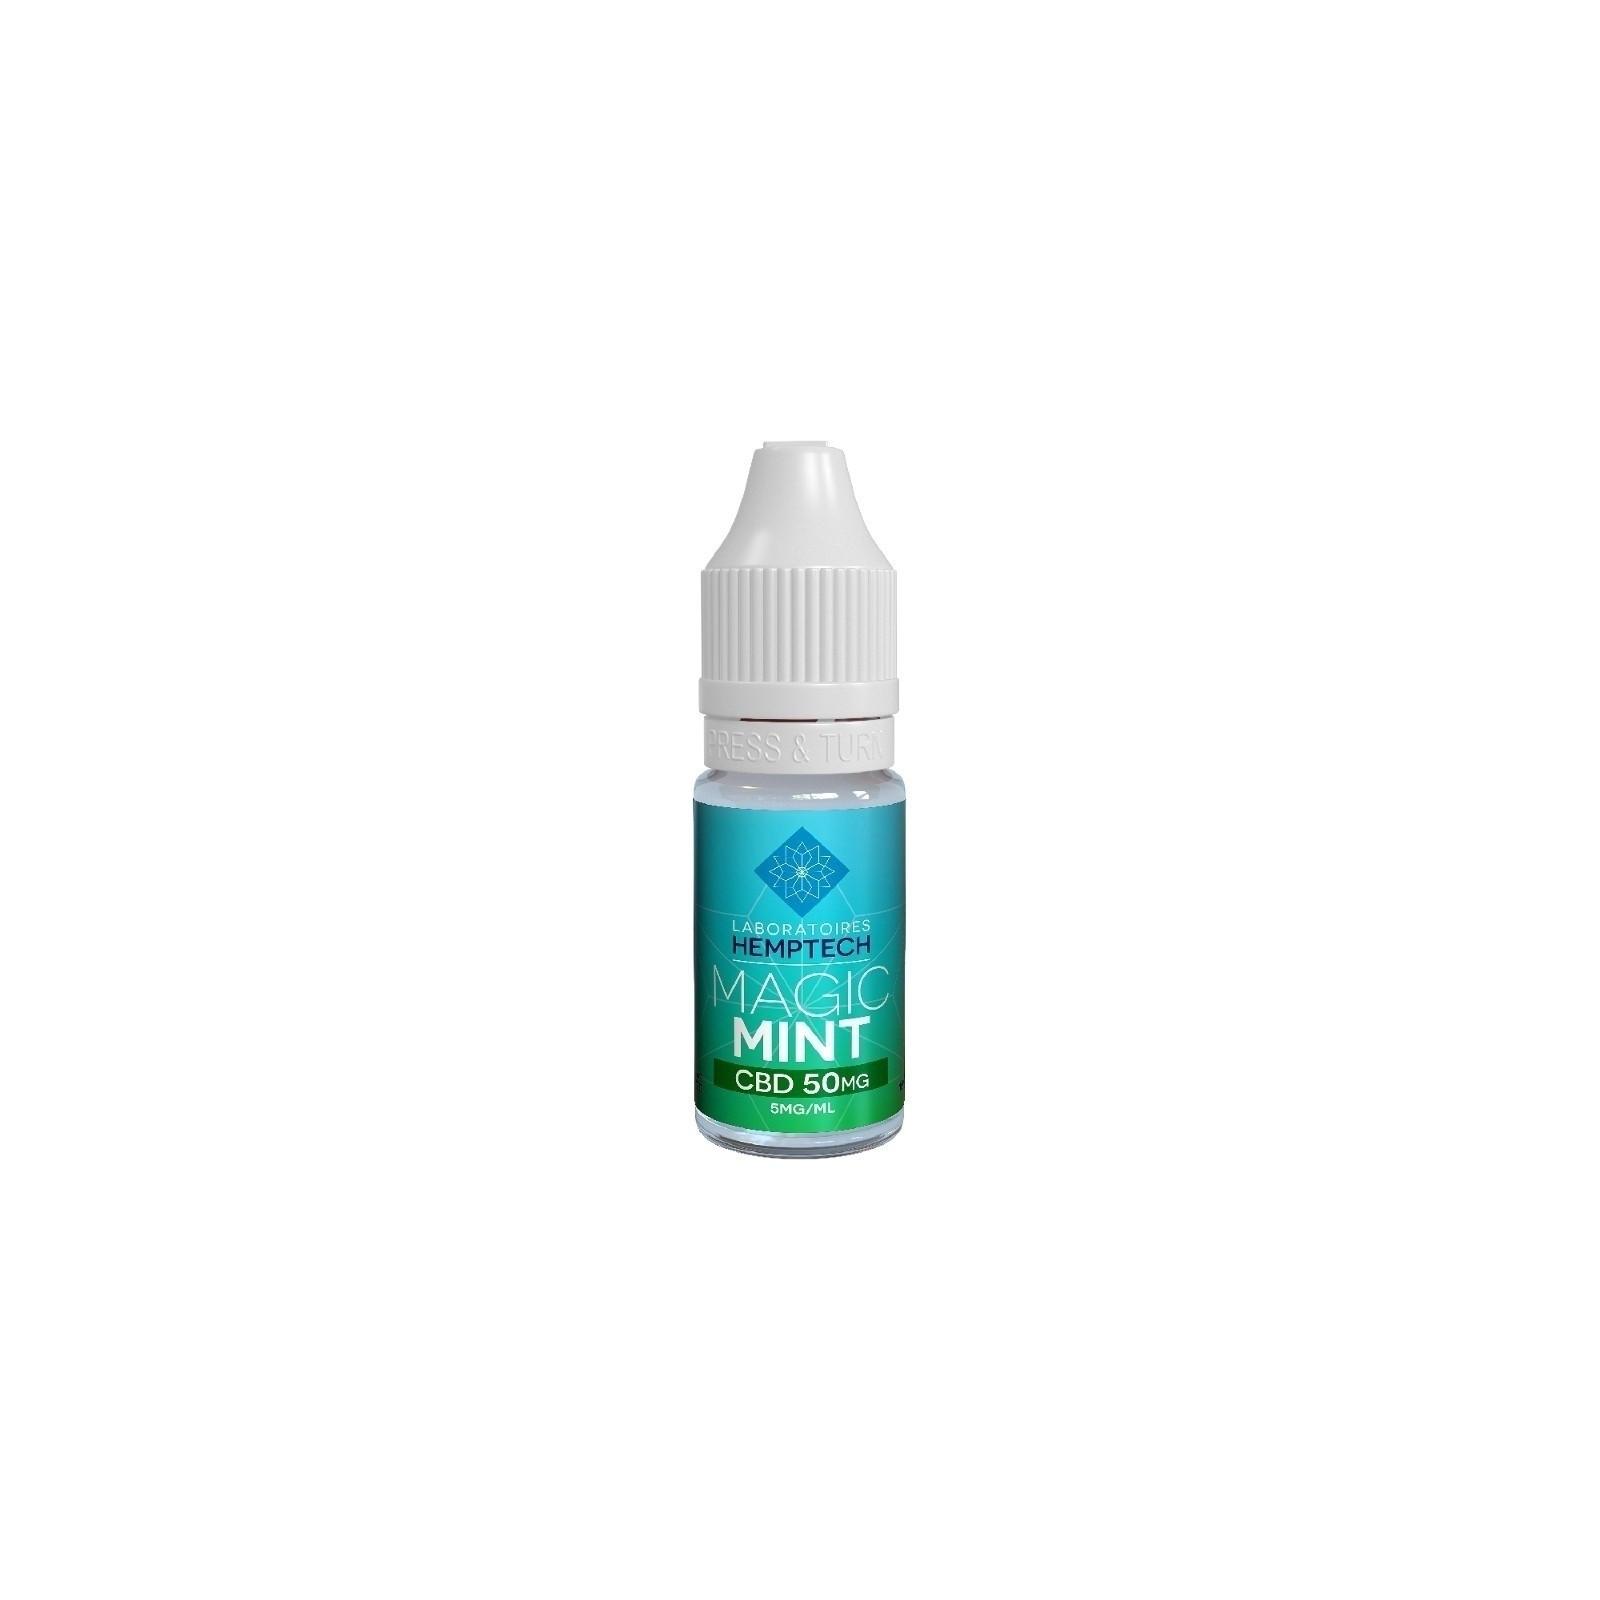 Magic Mint - Hemptech